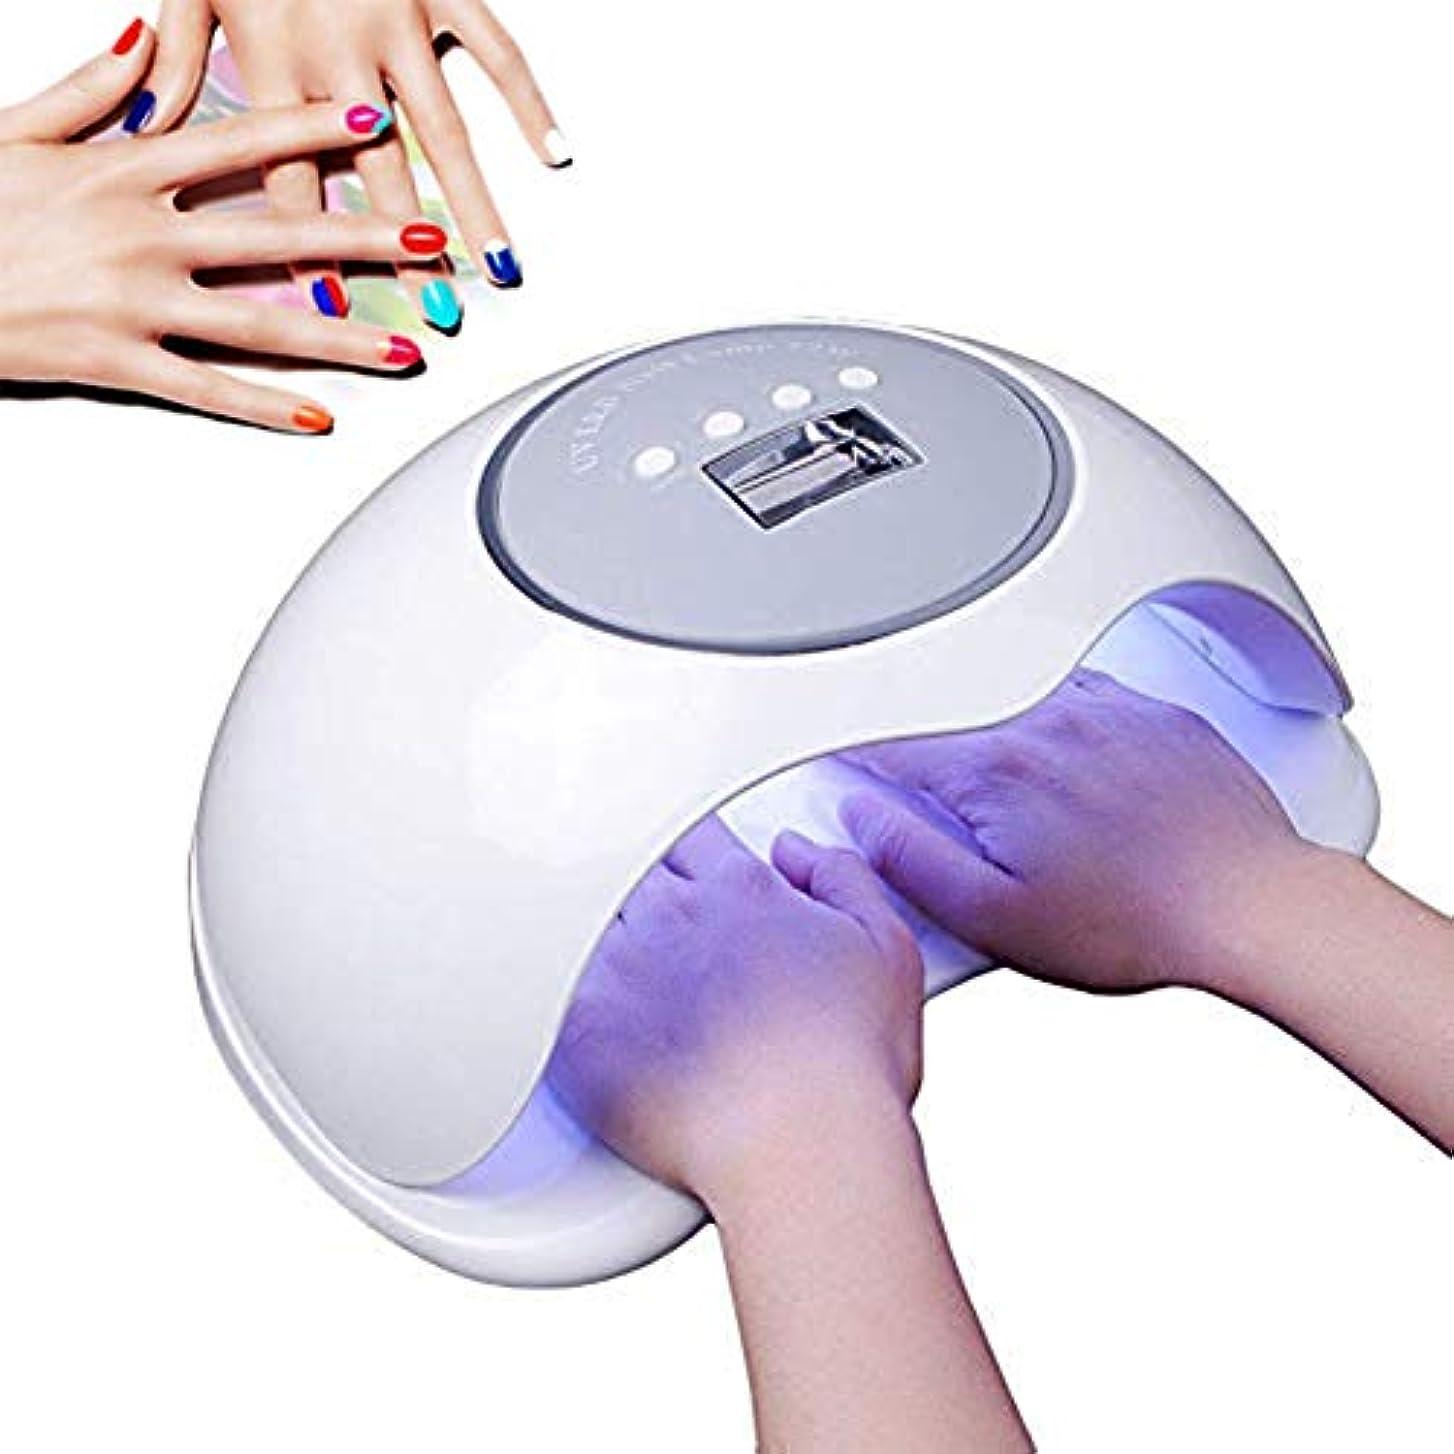 速いLEDの紫外線釘の乾燥ランプ、72W専門LEDのゲルの釘ライトポーランド語の治癒の乾燥ランプ、理性的な自動感知、LEDデジタル表示装置、4タイマーの設定10/30/60 / 99S、大広間の質専門